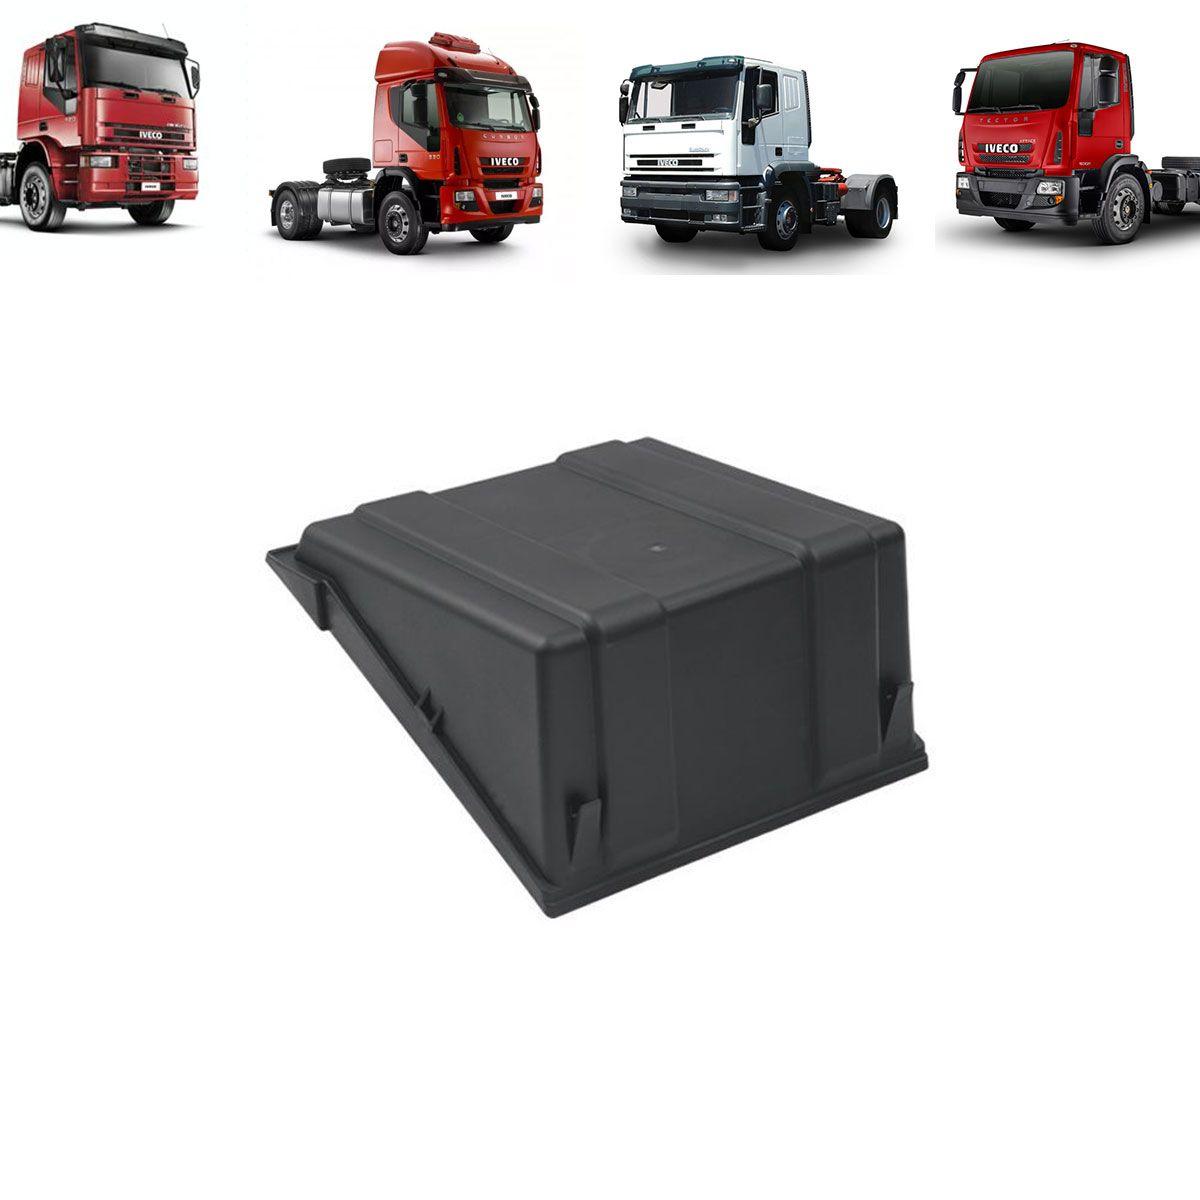 Tampa para Caixa de Bateria Caminhão Iveco Cursor - Tector - Eurocargo - Cavalino 500318410